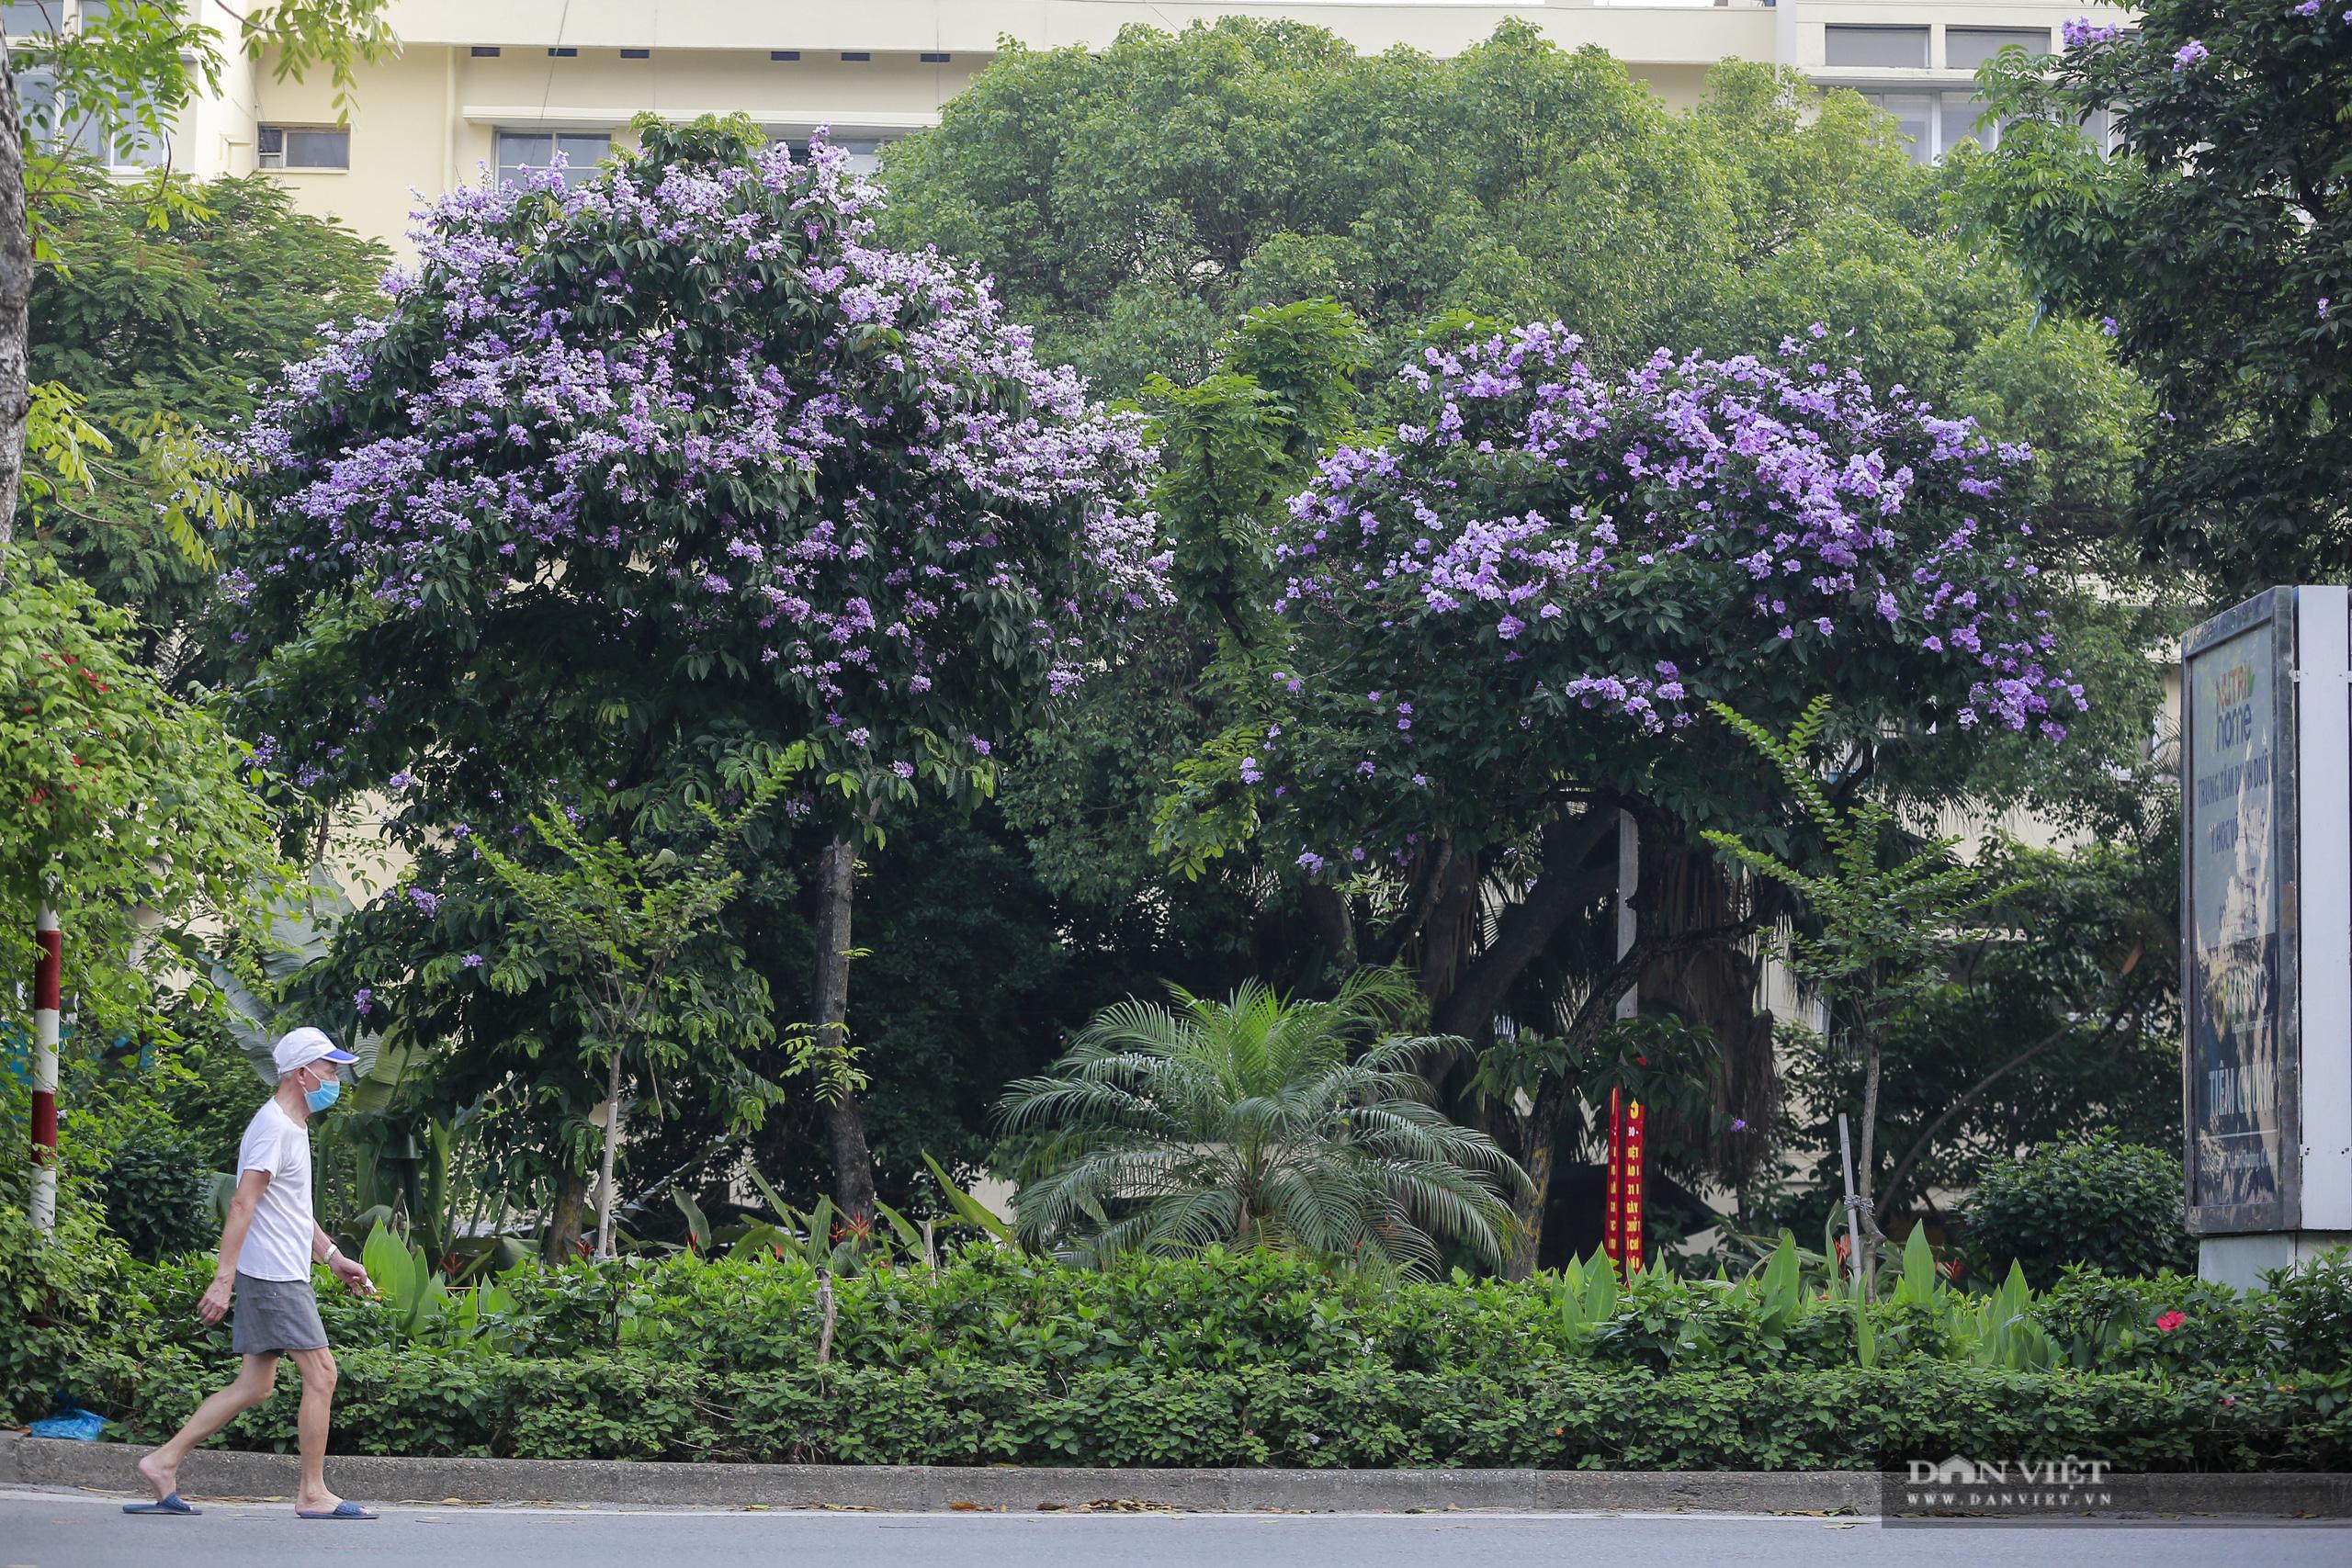 Hoa bằng lăng: loài hoa biểu tượng của sự thủy chung nở rộ khắp đường phố Hà Nội - Ảnh 1.